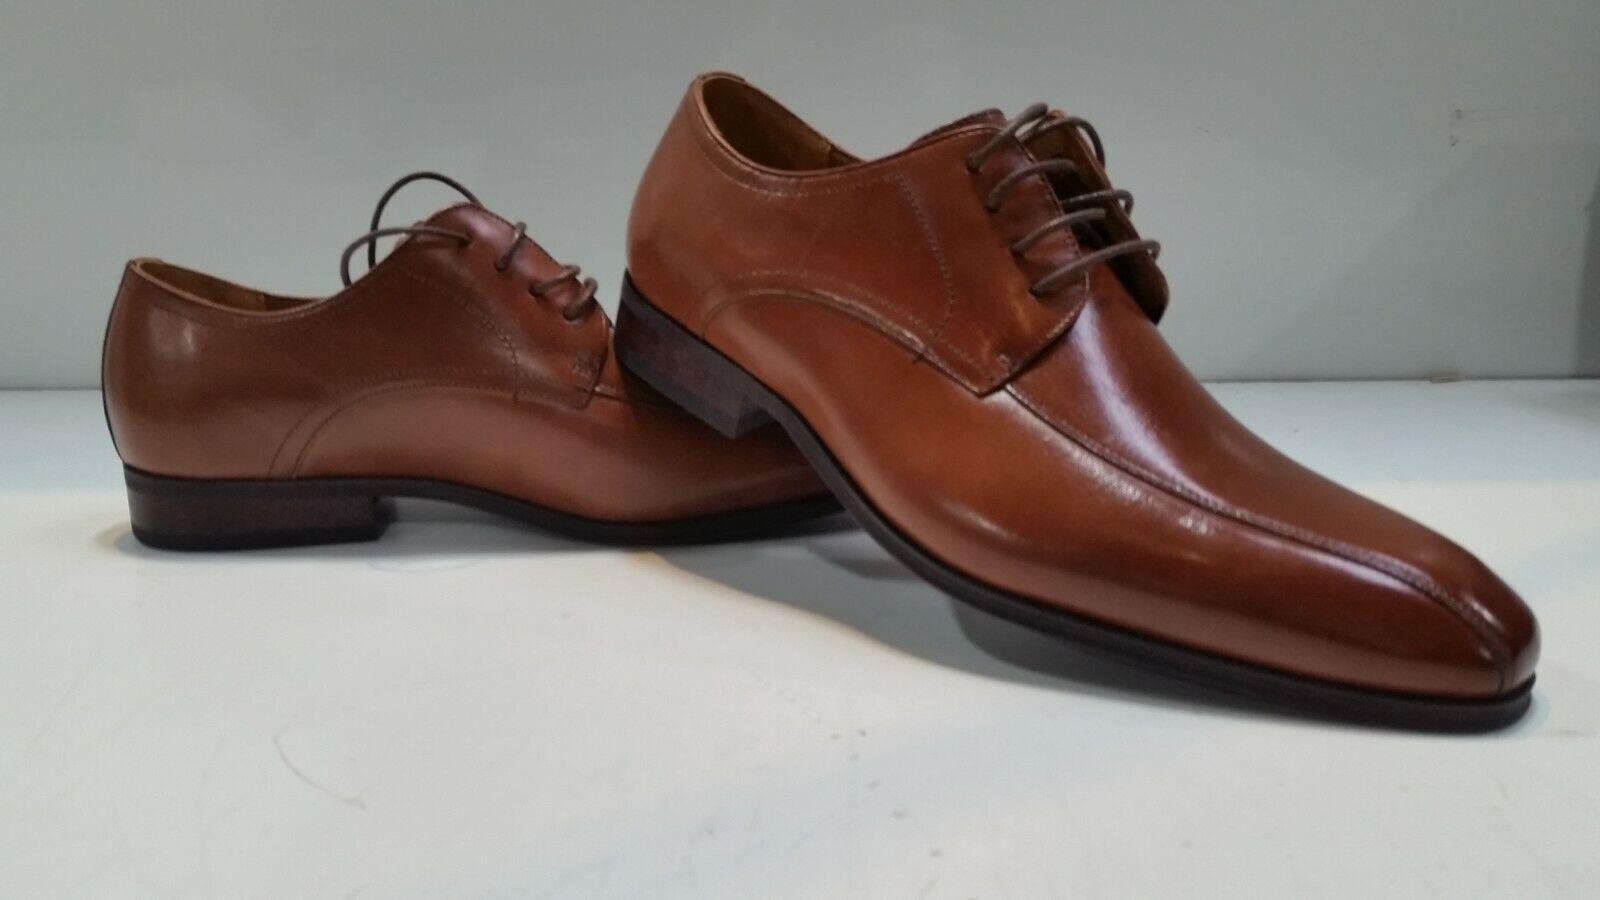 Florsheim Men's Tan Leather Dress shoes Size 9D